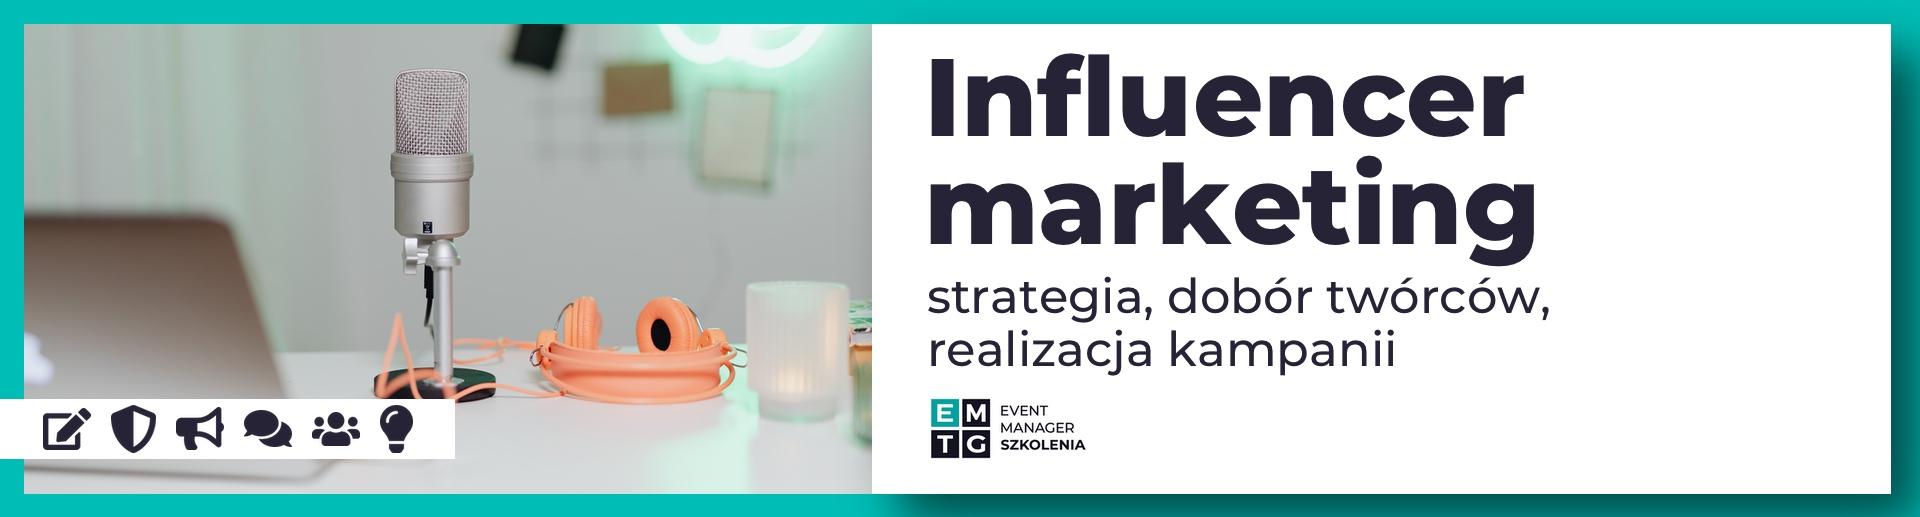 Szkolenie online Influencer marketing – strategia, dobór twórców, realizacja kampanii EMTG